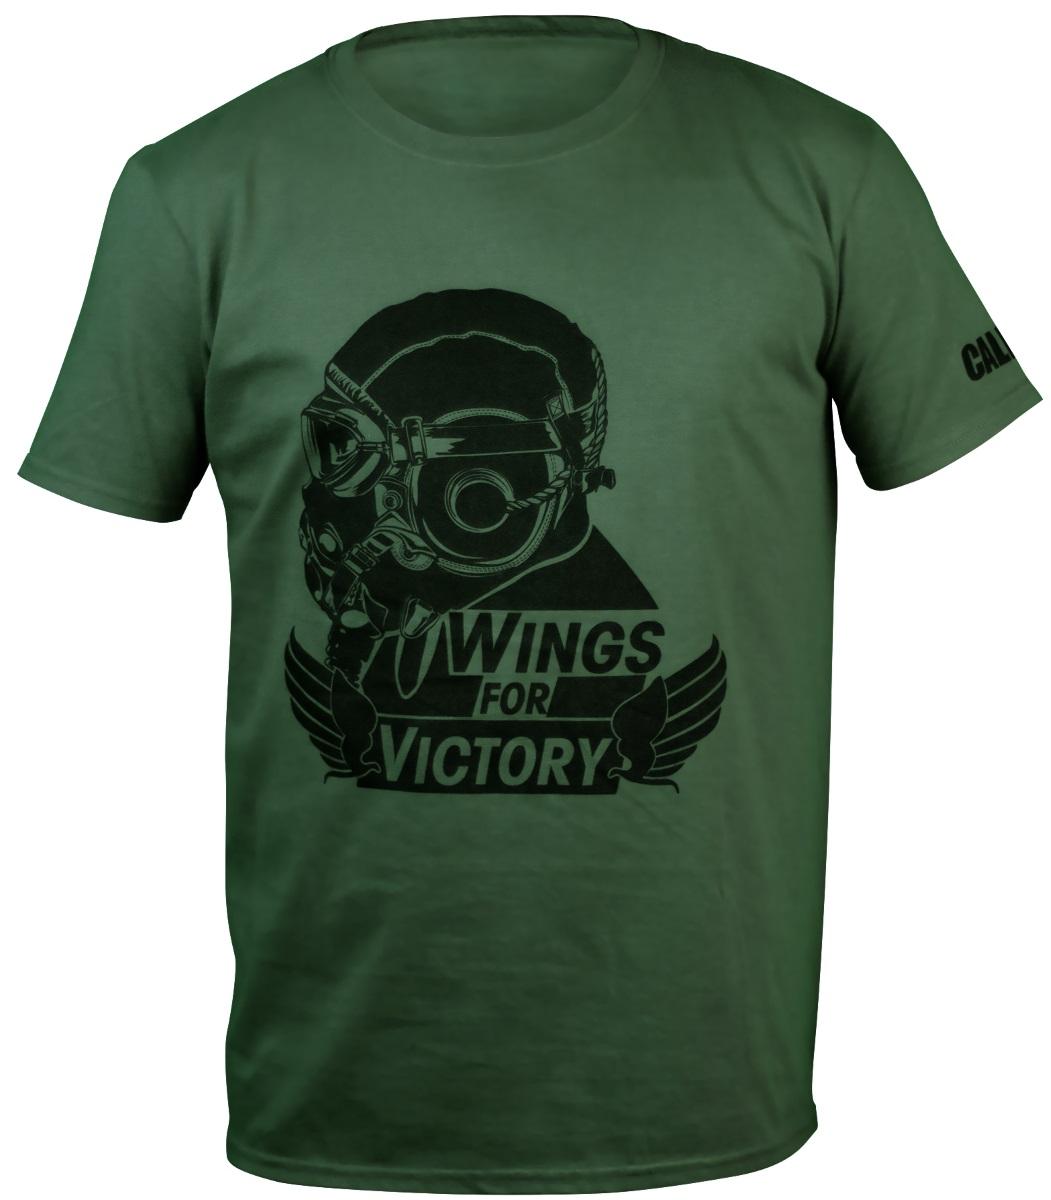 Футболка Call Of Duty WWII: Wings Black Army (зеленая) (S)Лицензионная футболка с круглым воротом из 100% хлопка Call Of Duty WWII: Wings Black Army станет отличным подарком для фанатов игры и легендарной серии в целом.<br>